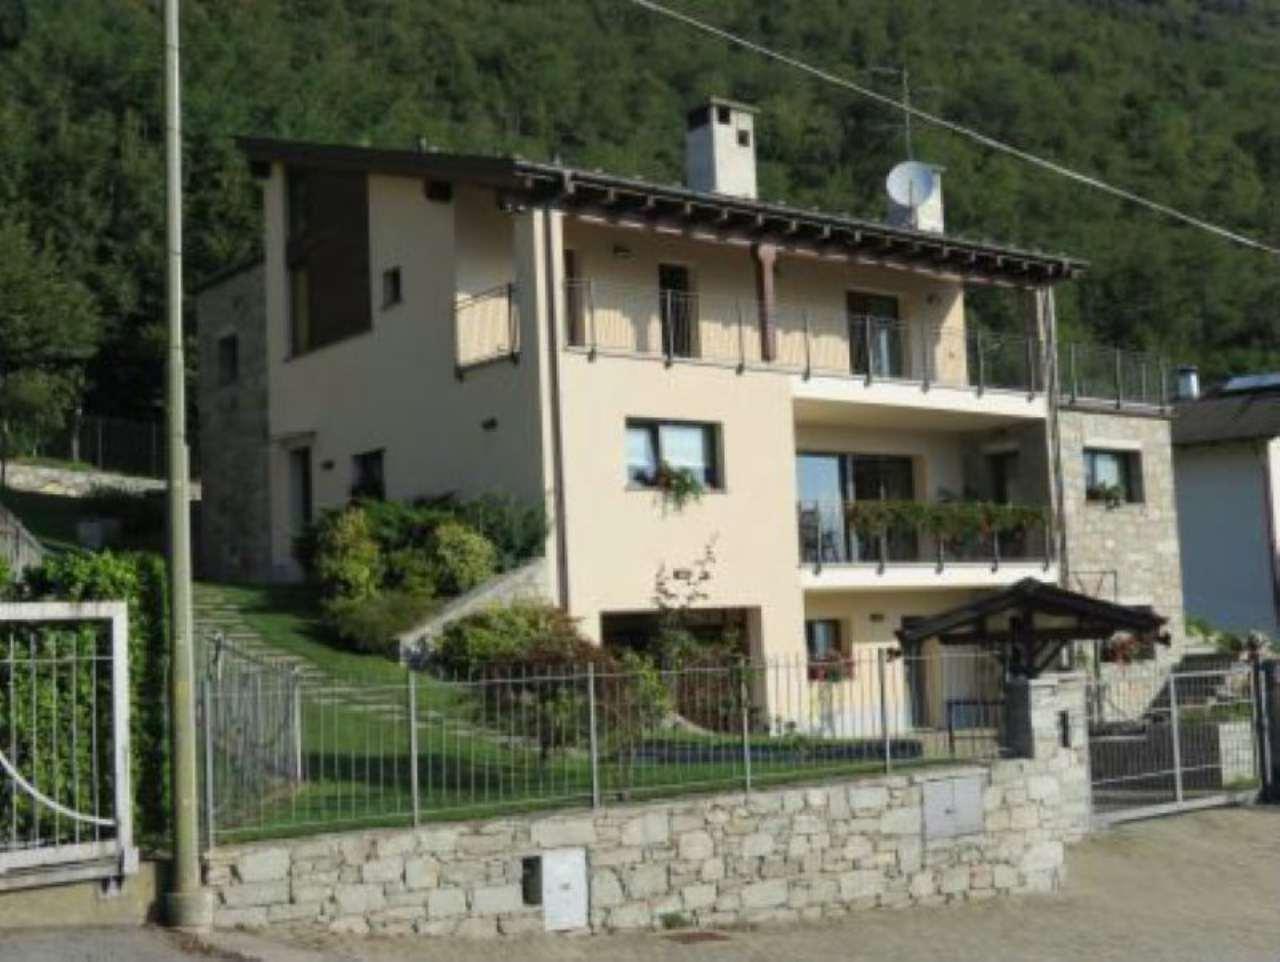 Villa in vendita a Sondrio, 9999 locali, Trattative riservate   CambioCasa.it